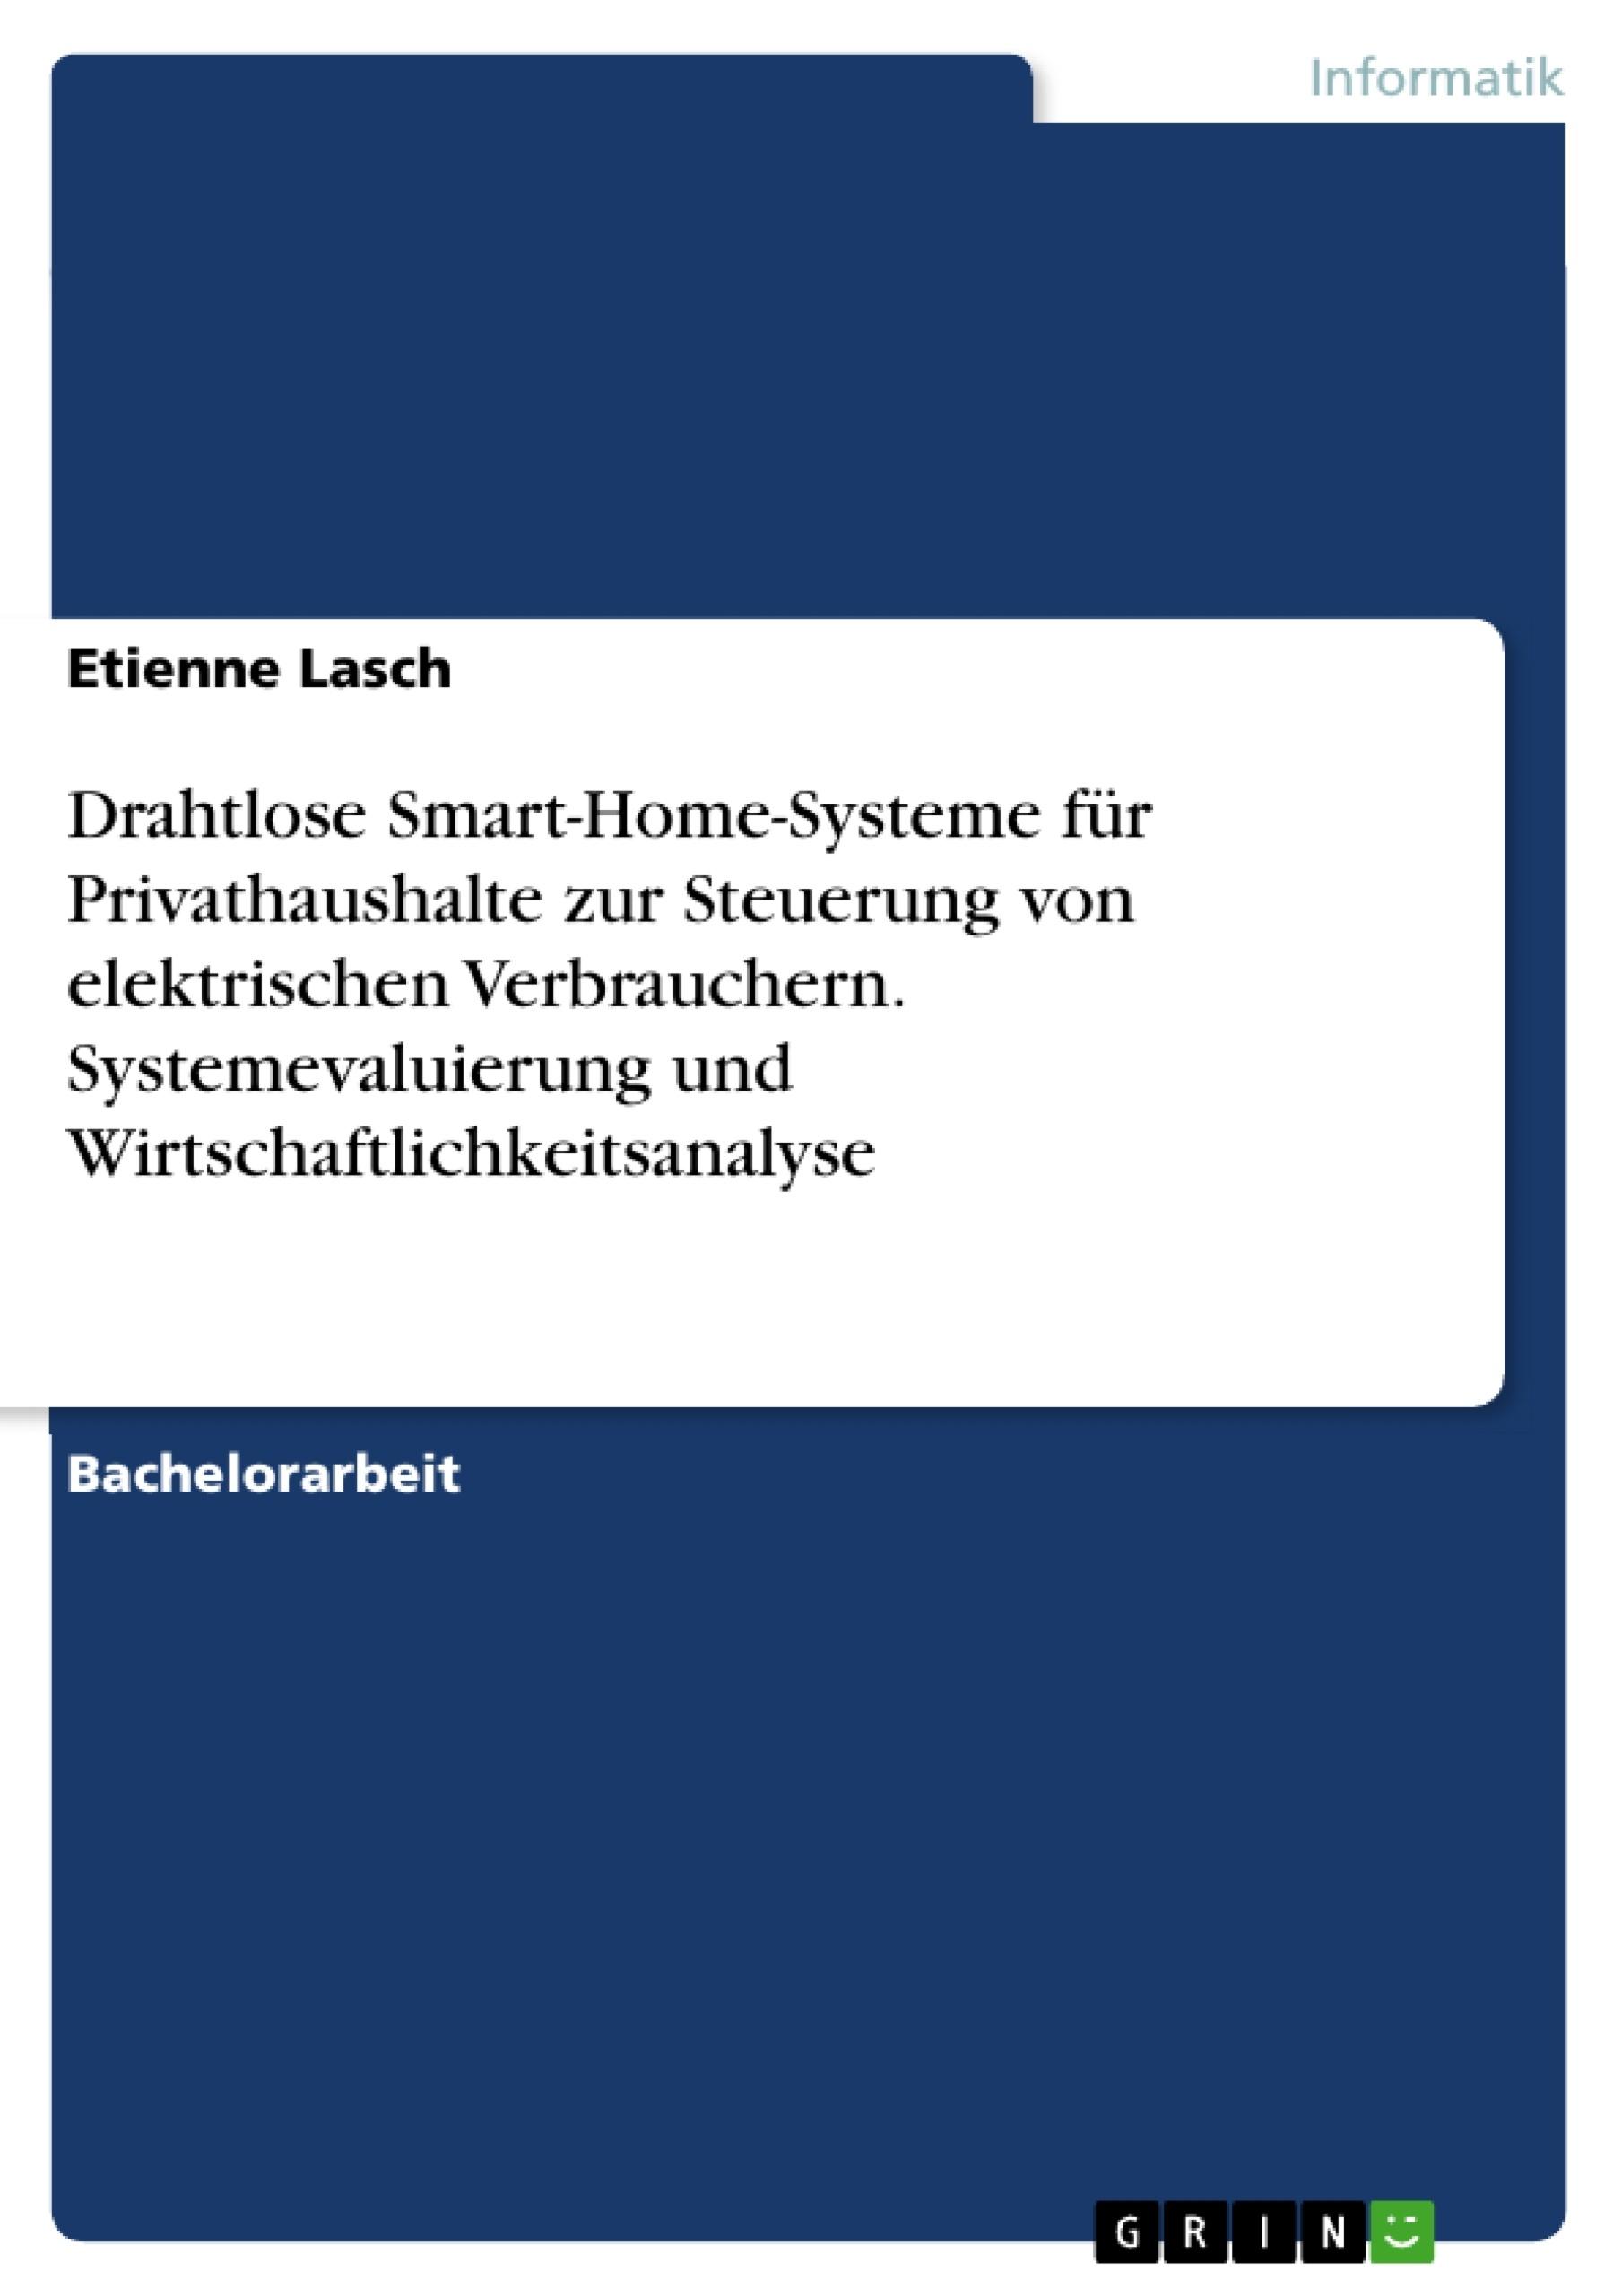 Schön Elektrische Komponenten Und Ihre Funktionen Ideen - Der ...